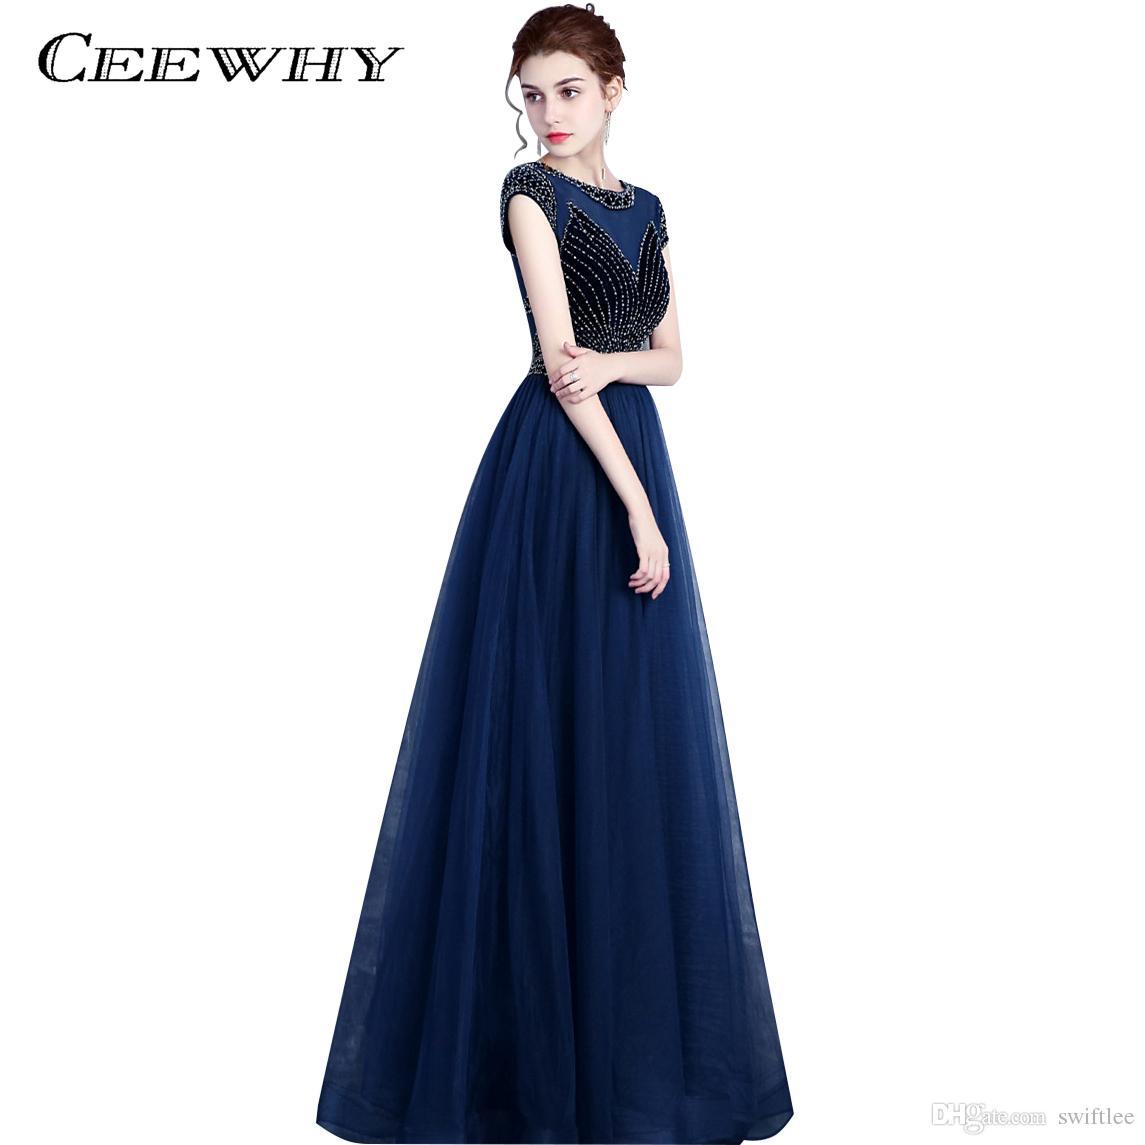 906c31d61 Vestidos Para A Noite CEEWHY Azul Marinho Longo Vestido De Noite Beading  Vestidos De Baile Vestidos De Festa Elegante Vestido De Noite Formal Vestido  De ...